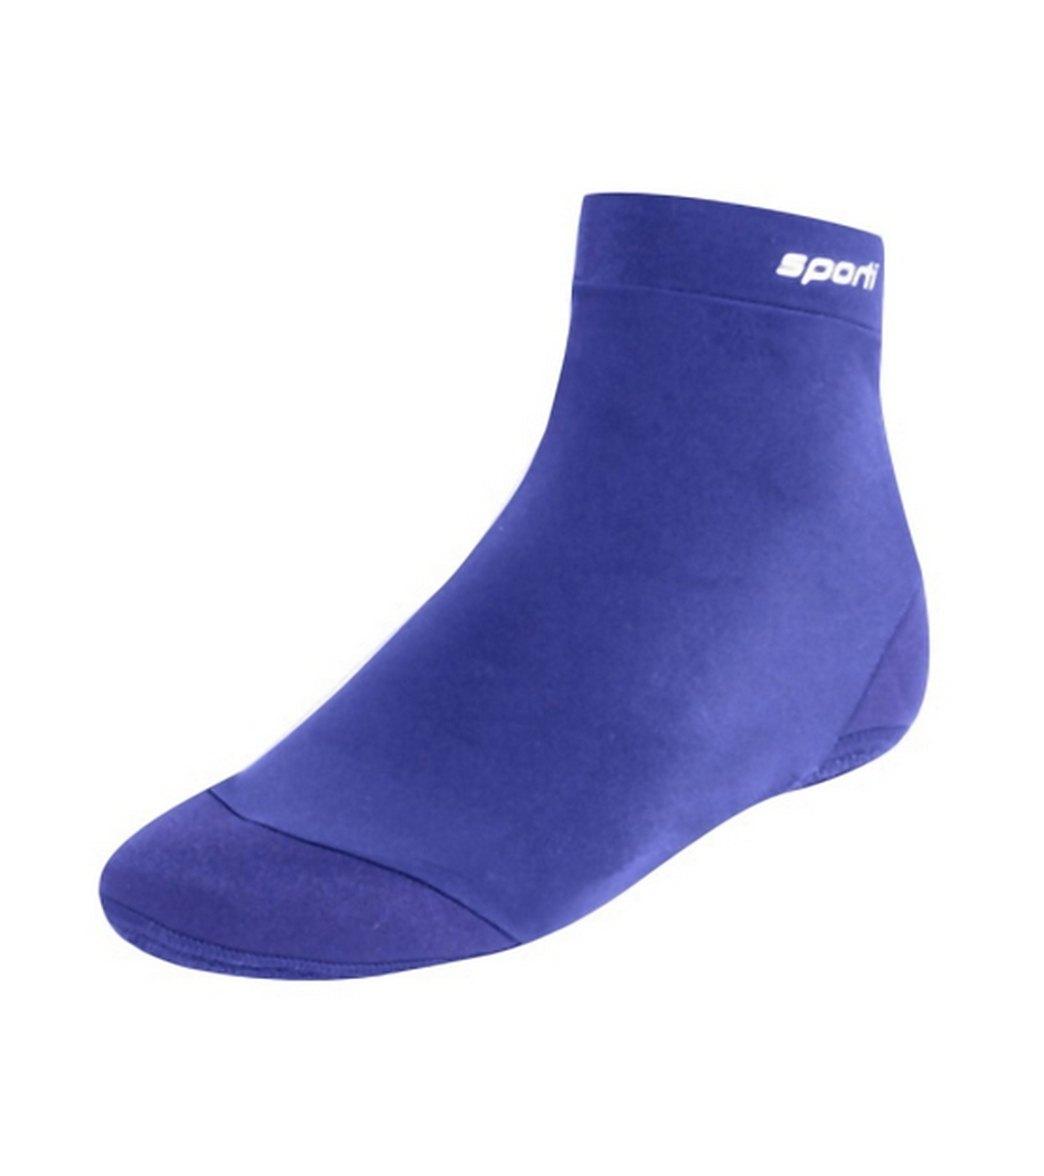 Sporti Nylon Spandex Swim Fin Socks at SwimOutlet.com